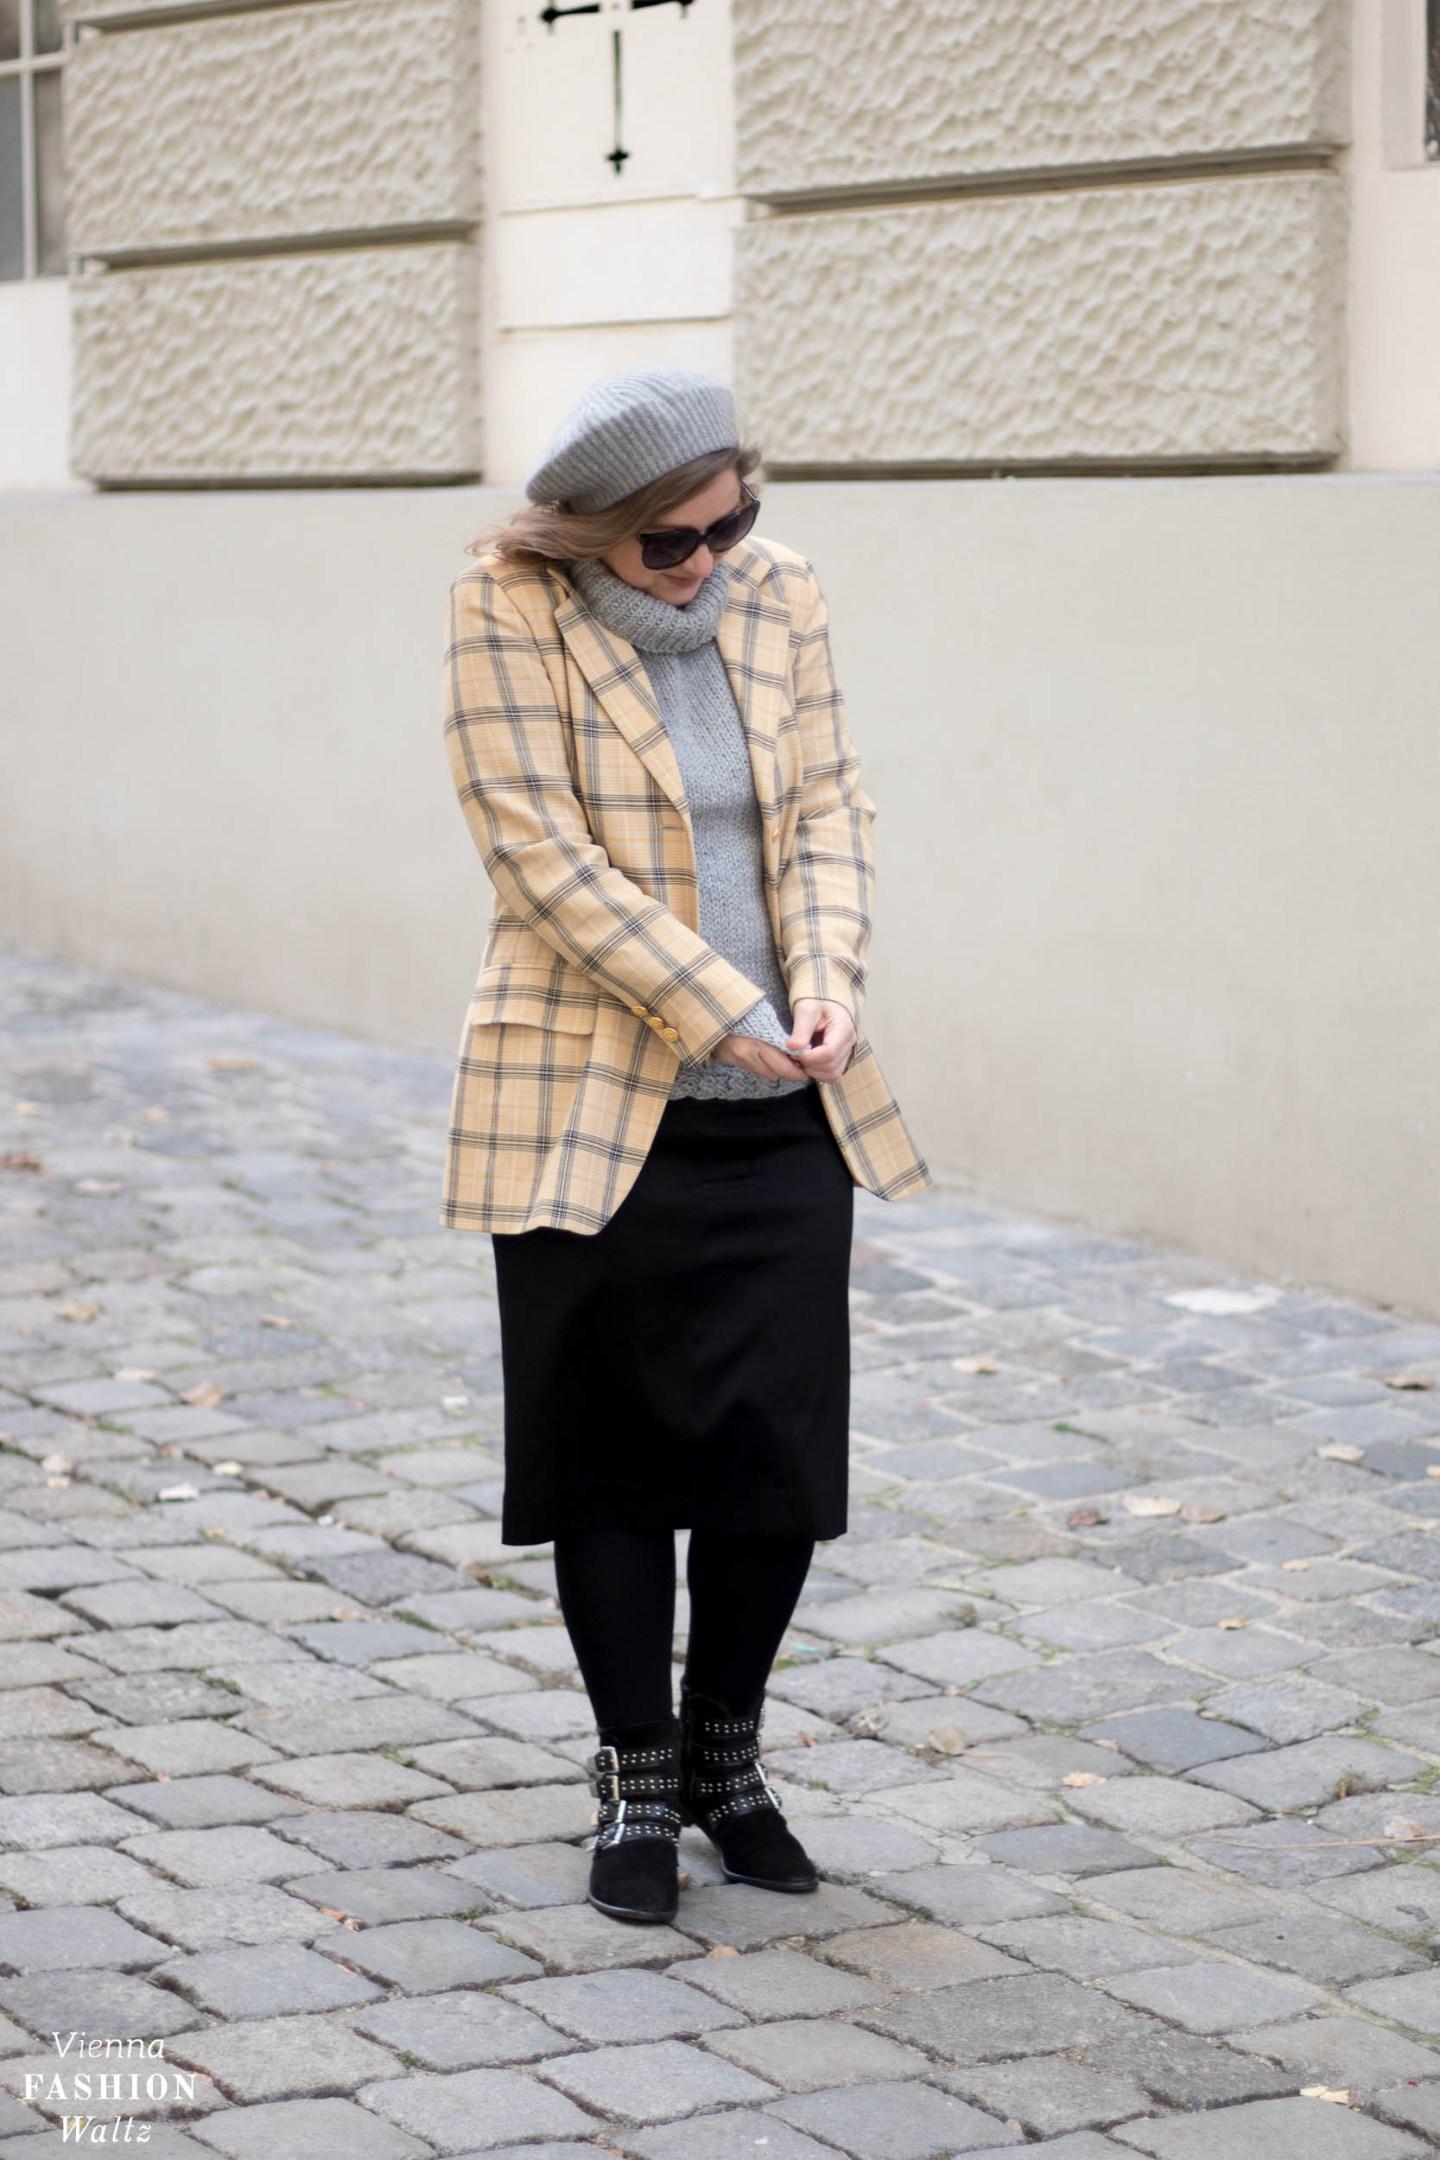 Vintage Escada Blazer und YSL Rock mit selbstgestricktem Pulli, Vintage Fashion Style, Outfit- www.viennafashionwaltz.com-15